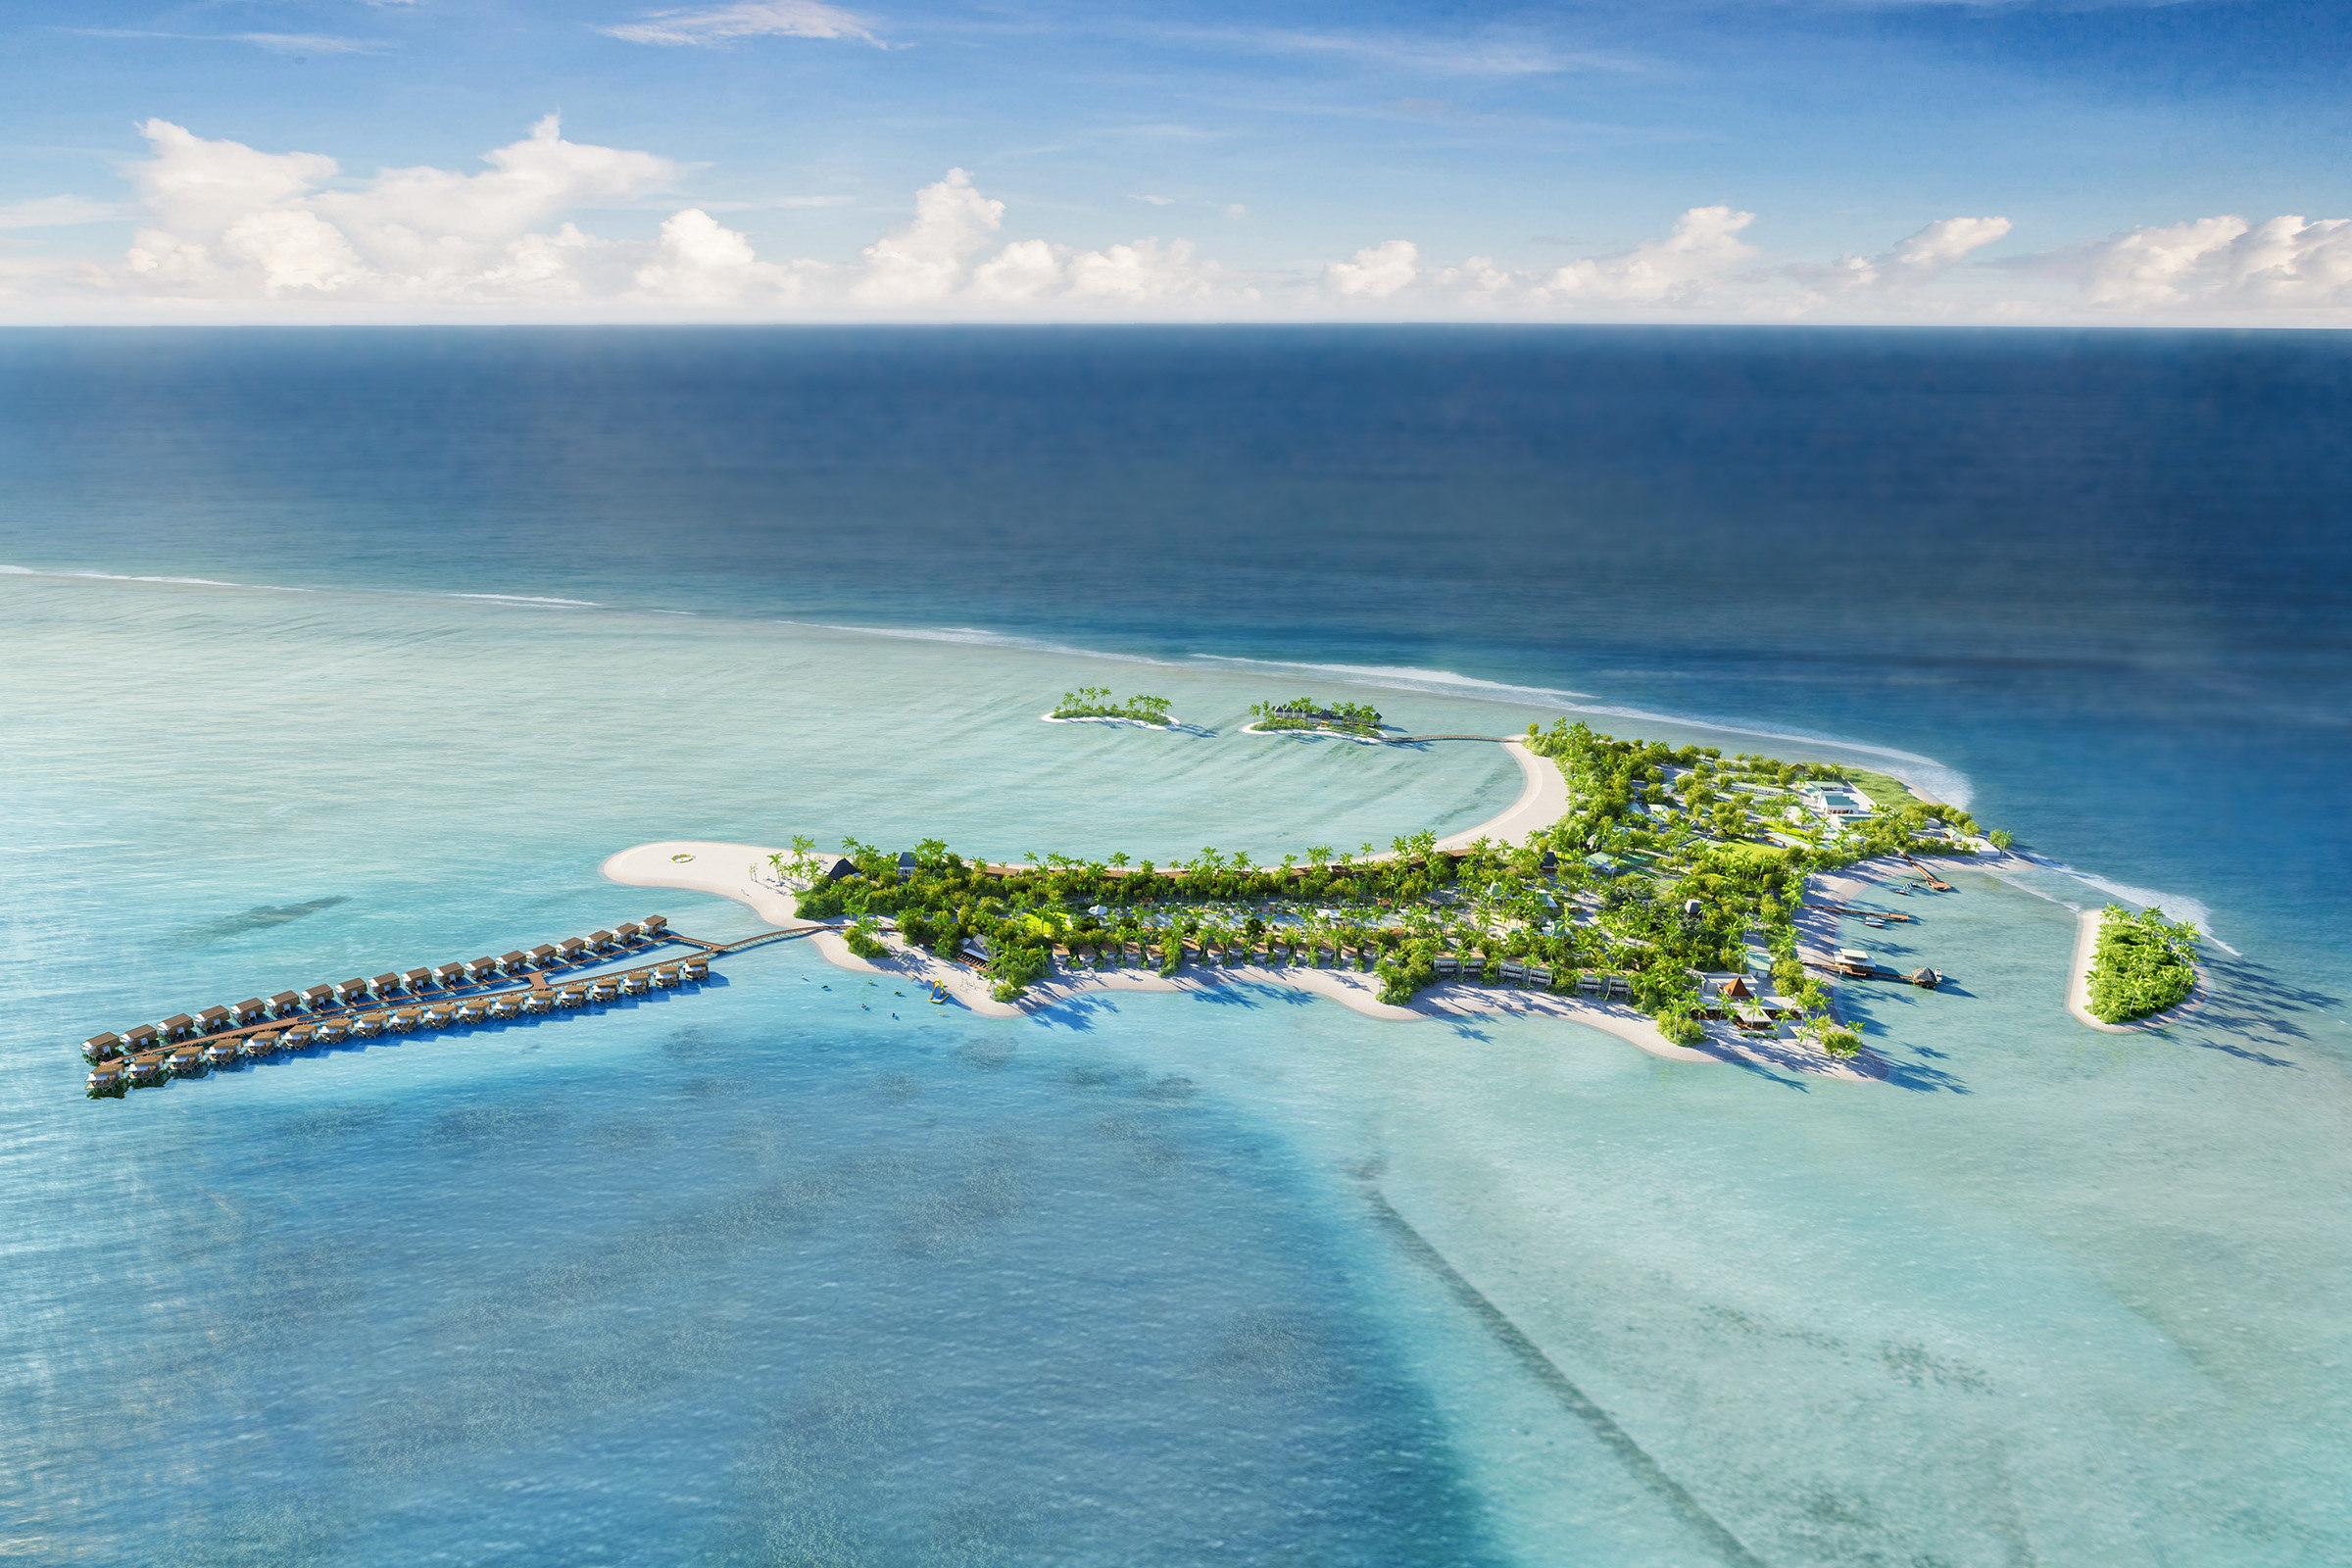 The Chedi Maldives